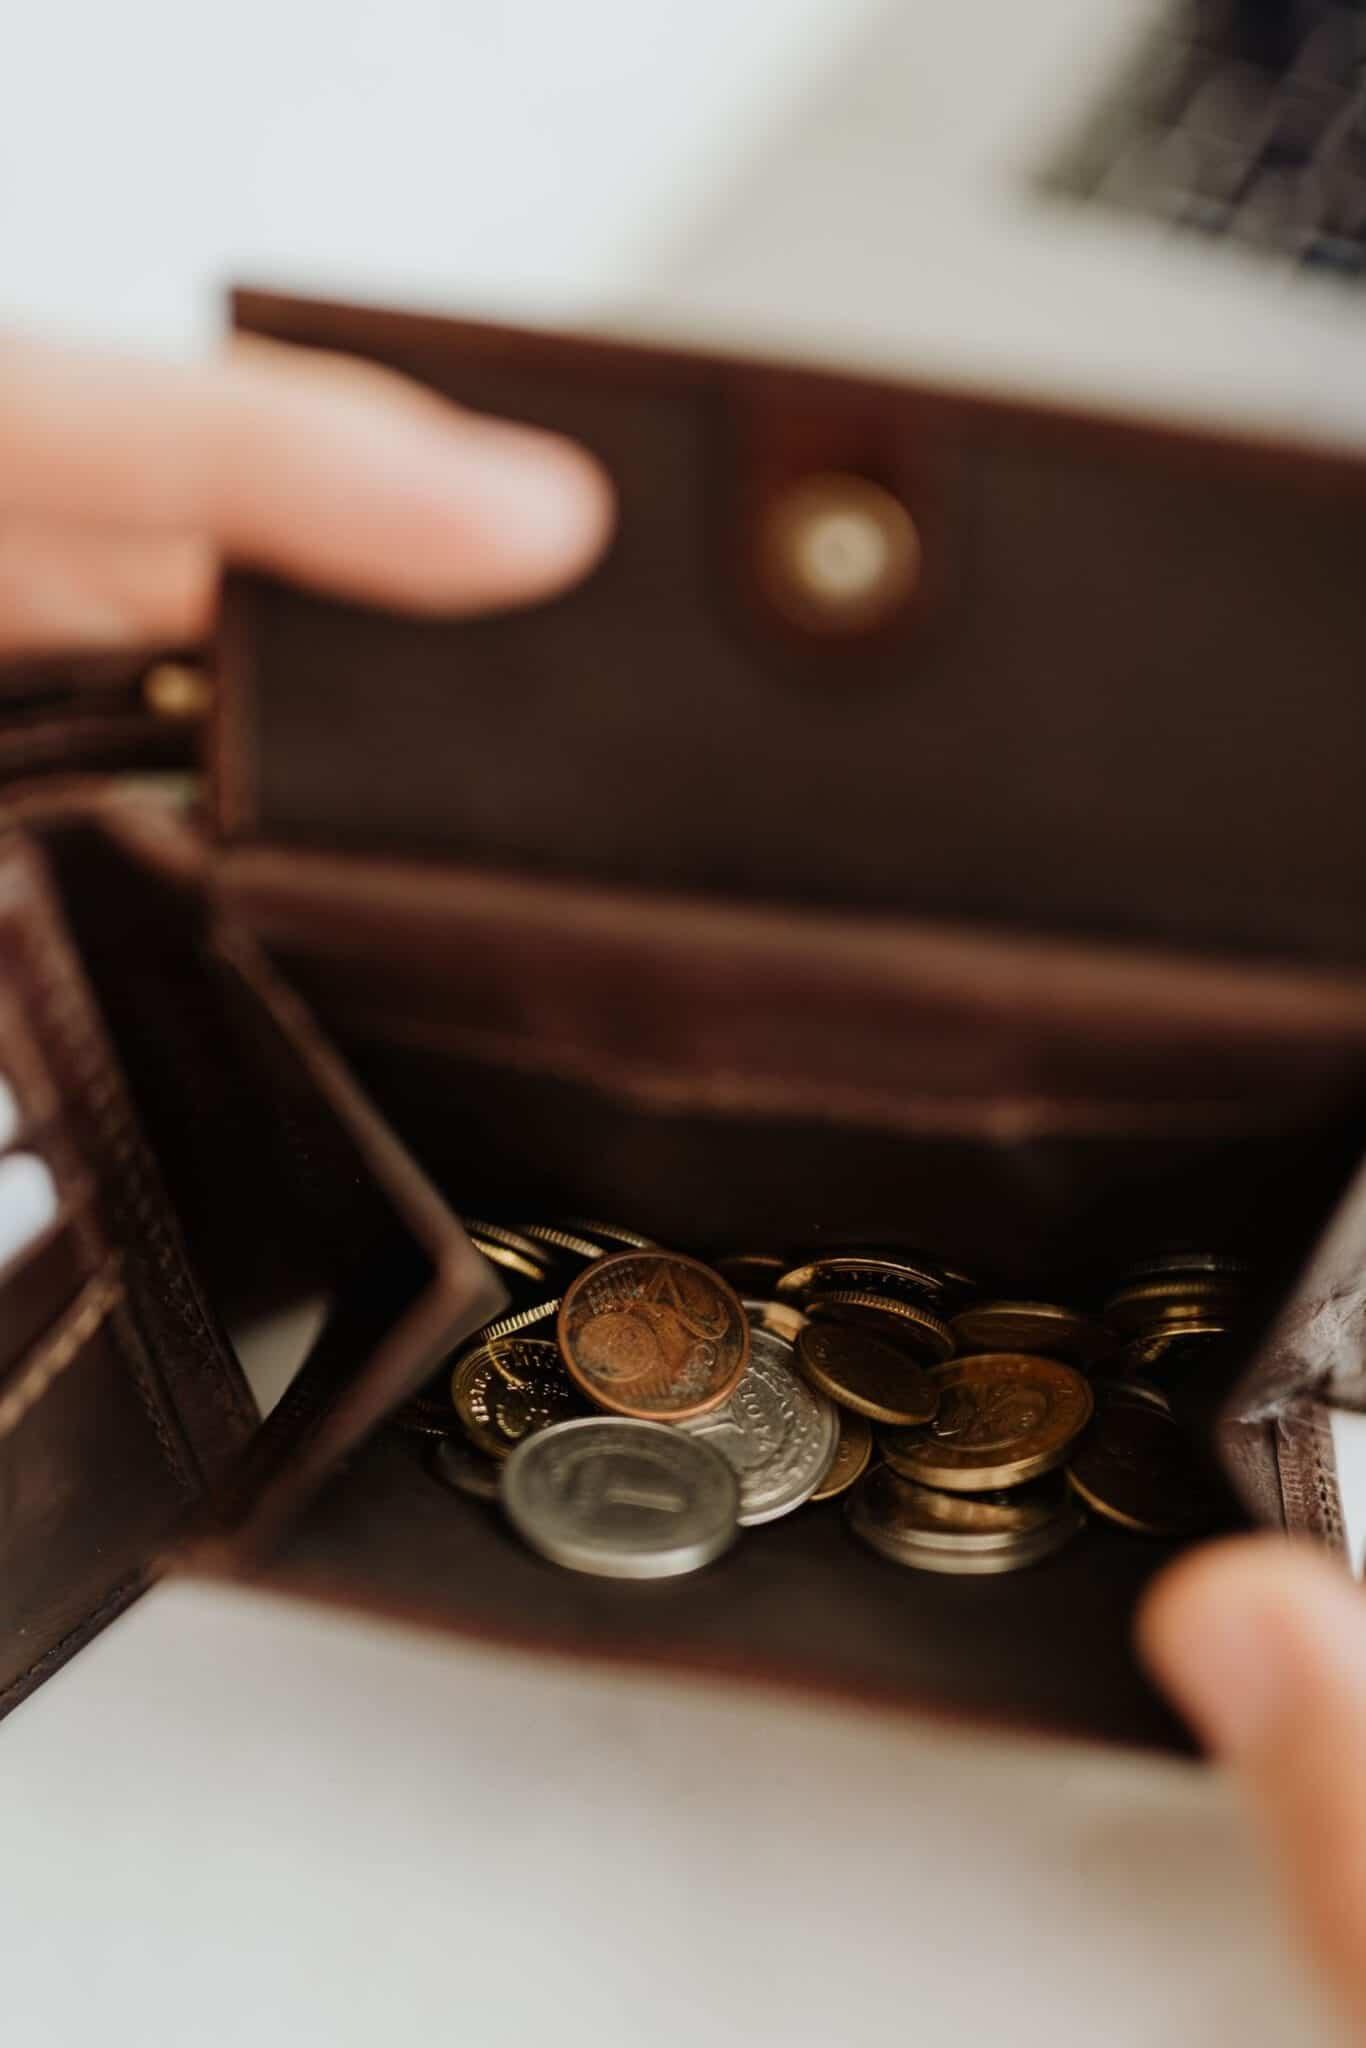 Ben jij ook altijd zo nieuwsgierig naar andermans inkomsten en uitgaven? Ik wel! In de rubriek 'Sparen of Spenden' deel ik maandelijks mijn inkomsten, uitgaven en investeringen met jullie! Ik kreeg deze maand een mooie meevaller à €100 van een tante en verder heb ik deze maand iets interessants gedaan qua investeringen. Lees je mee?